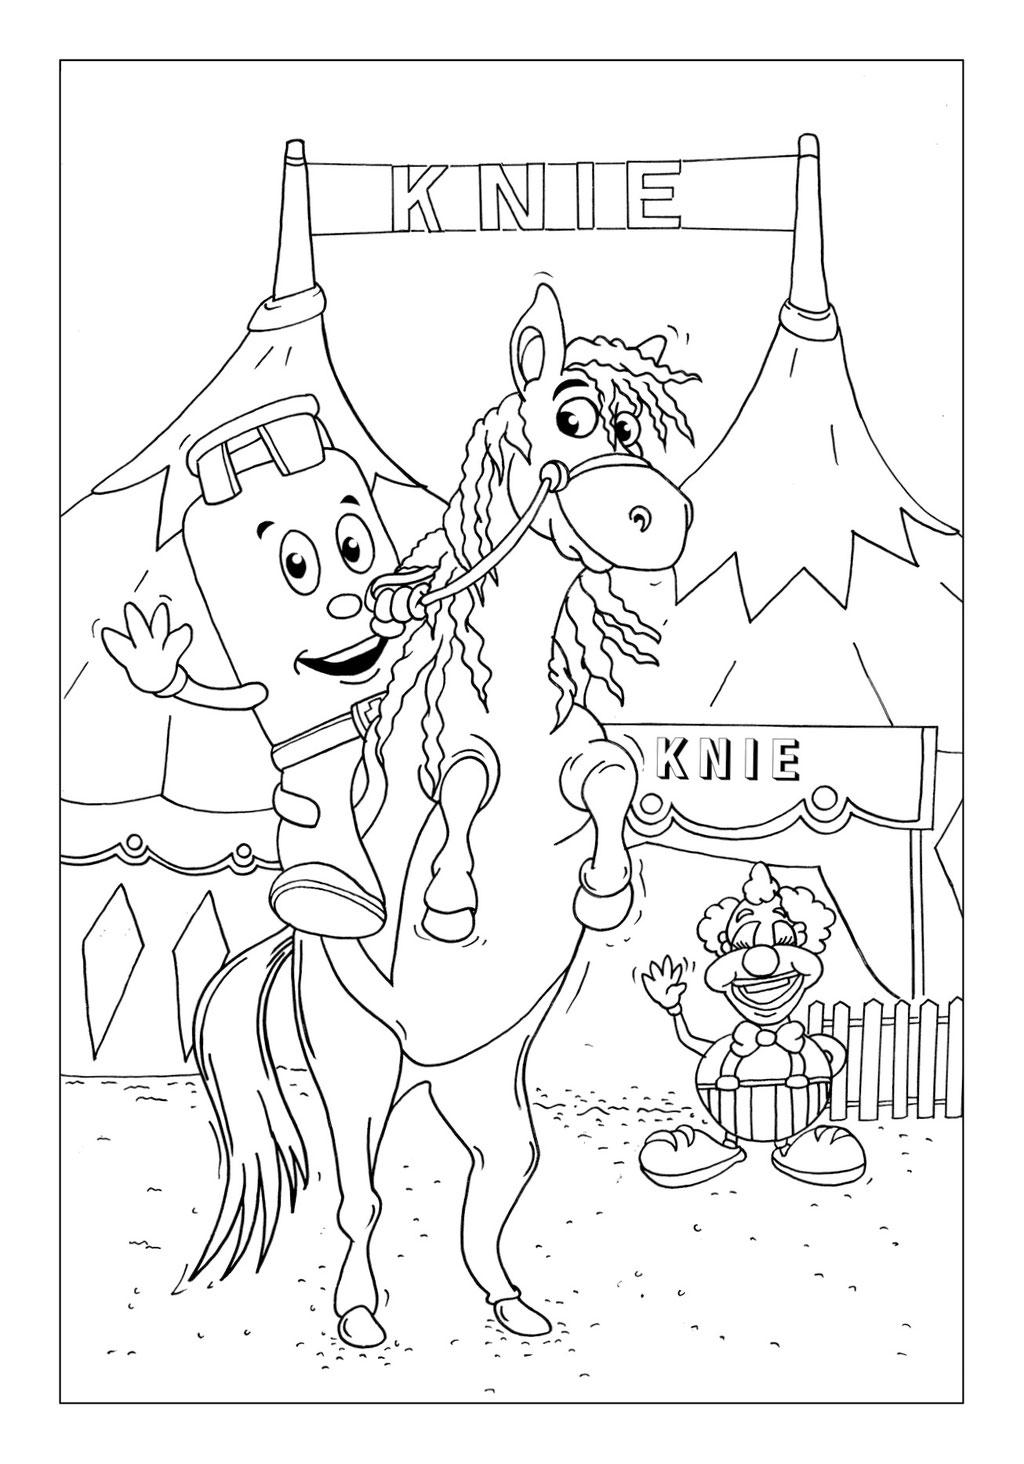 Vitogaz Kinder-Malbuch: auf dem Pferd beim Zirkus Knie. Ideen Zeichnung und Illustration by Lockedesign